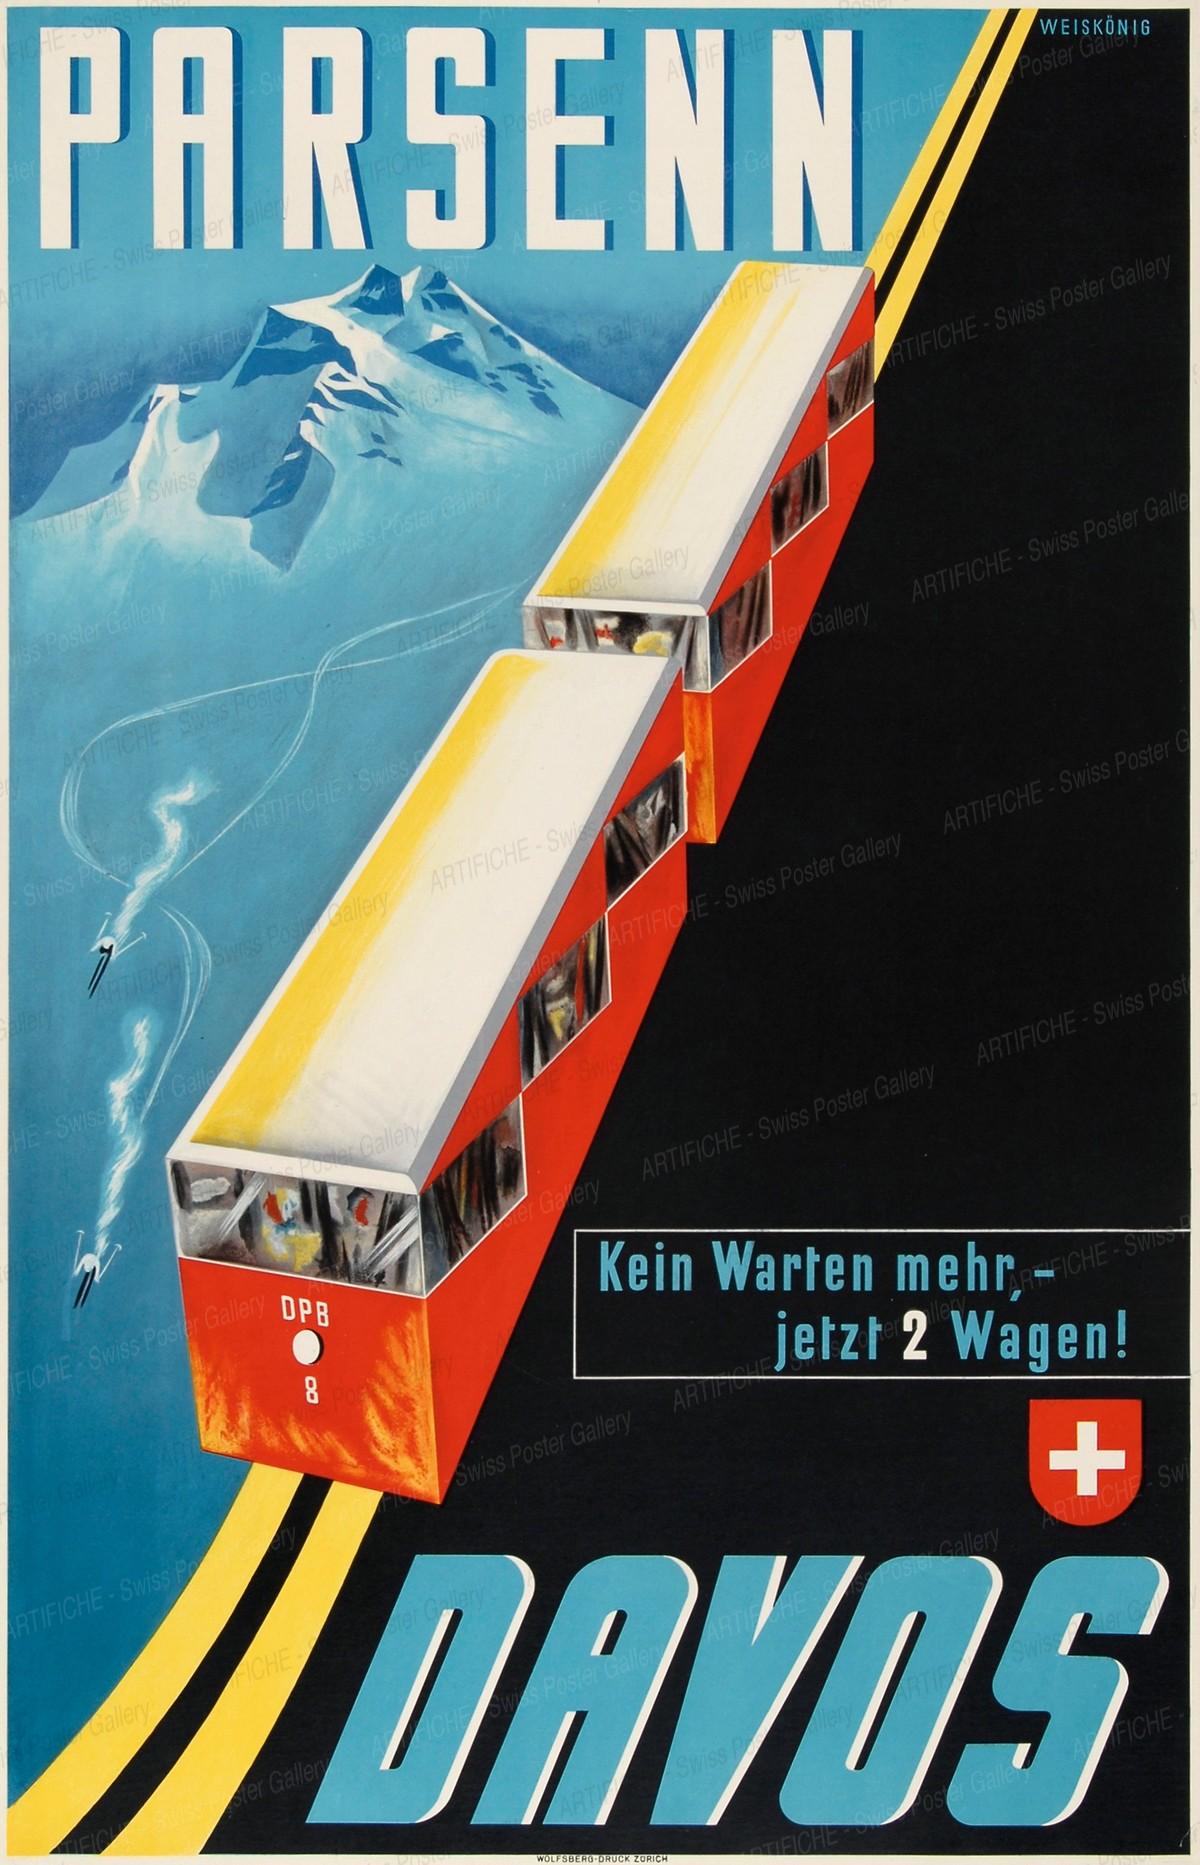 DAVOS PARSENN – Kein Warten mehr – jetzt 2 Wagen!, Werner Weiskönig